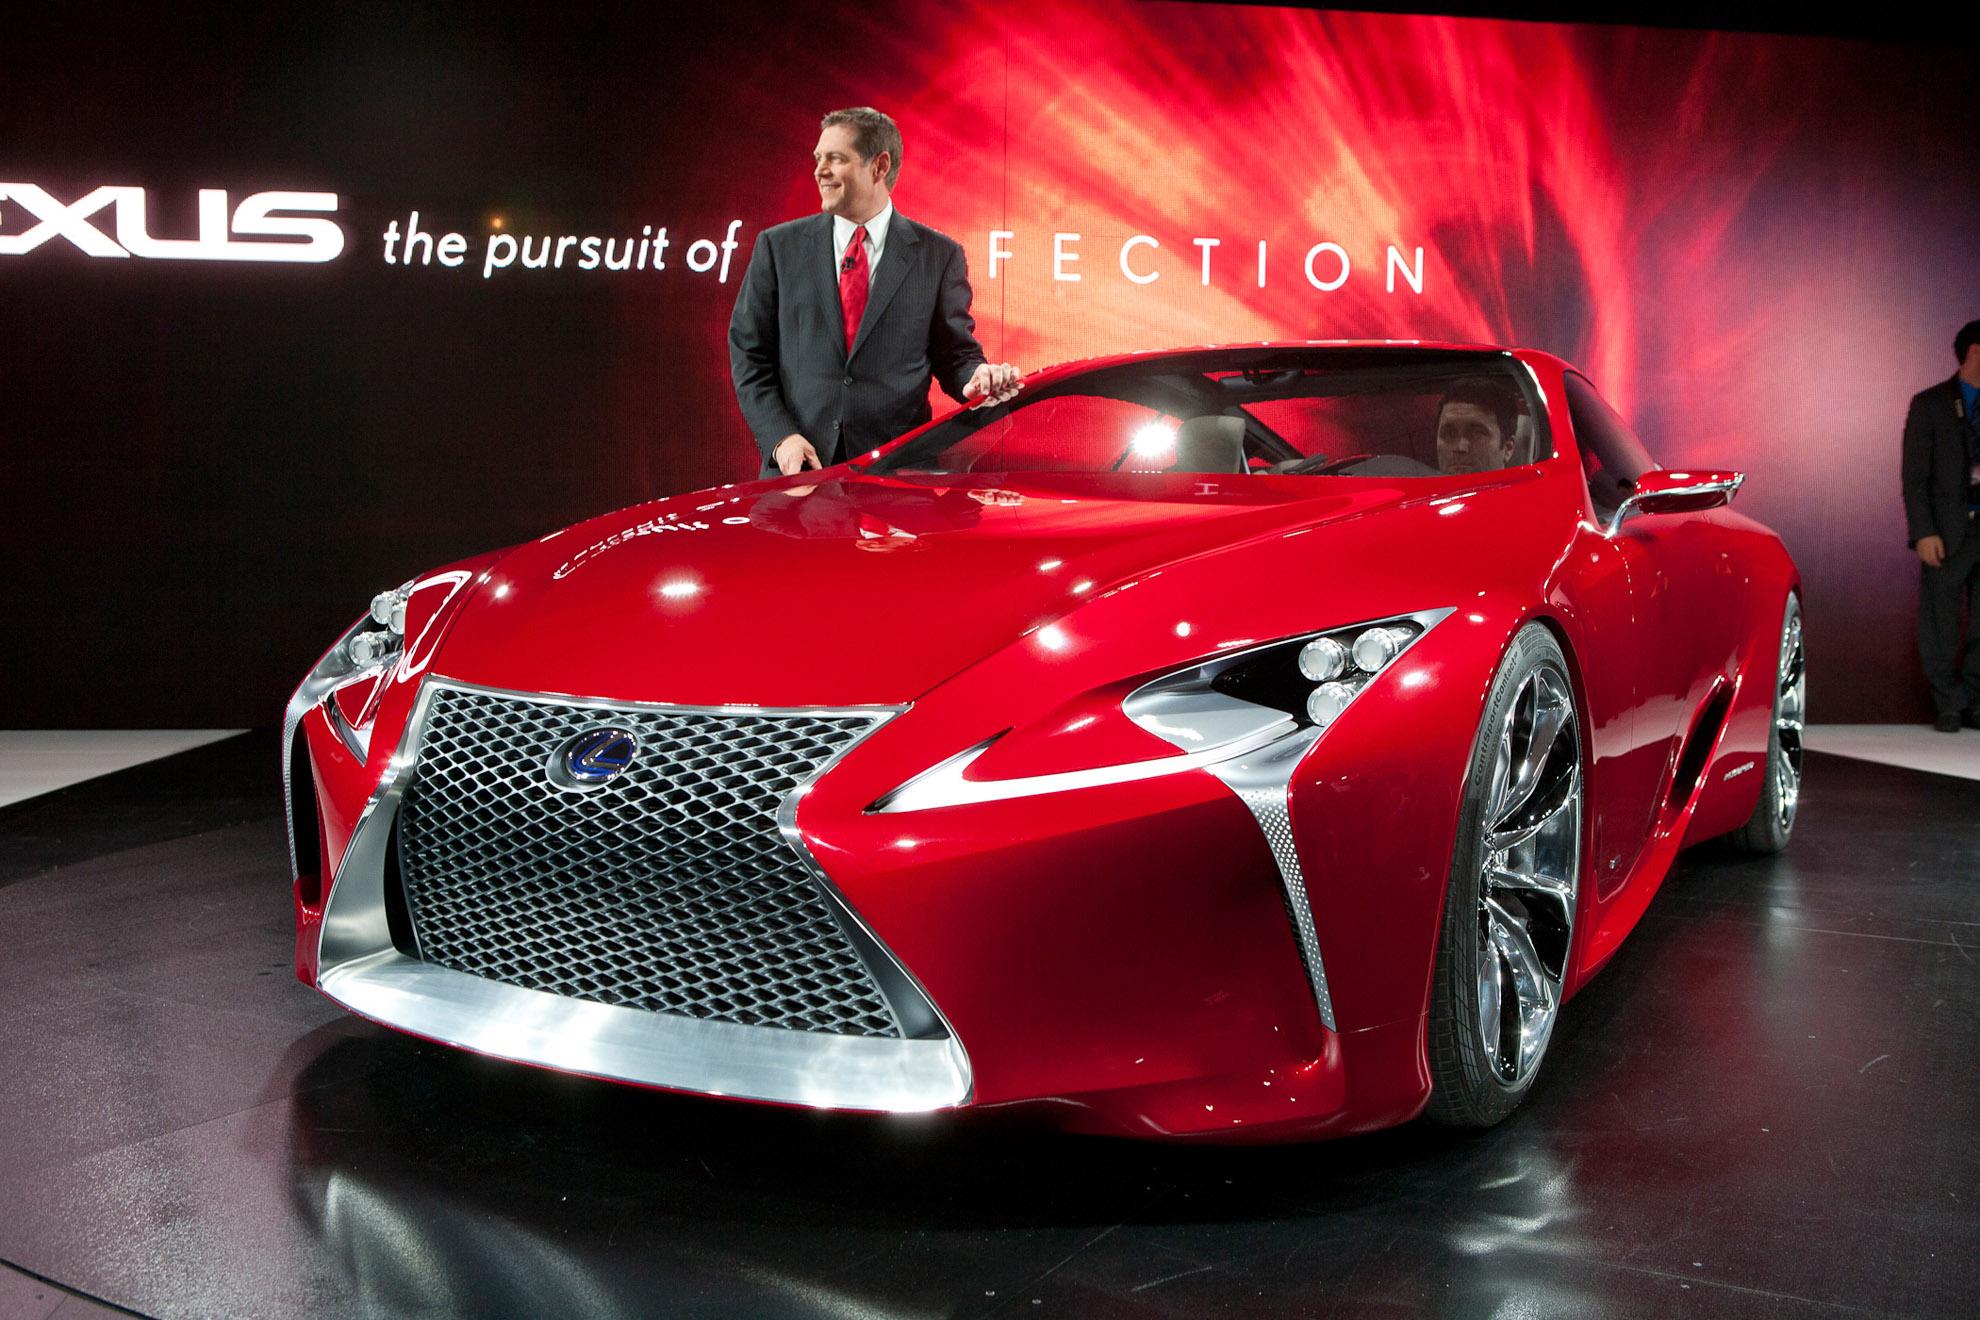 https://www.automobilesreview.com/gallery/lexus-lf-lc-hybrid-concept-detroit-2012/lexus-lf-lc-hybrid-concept-detroit-2012-05.jpg